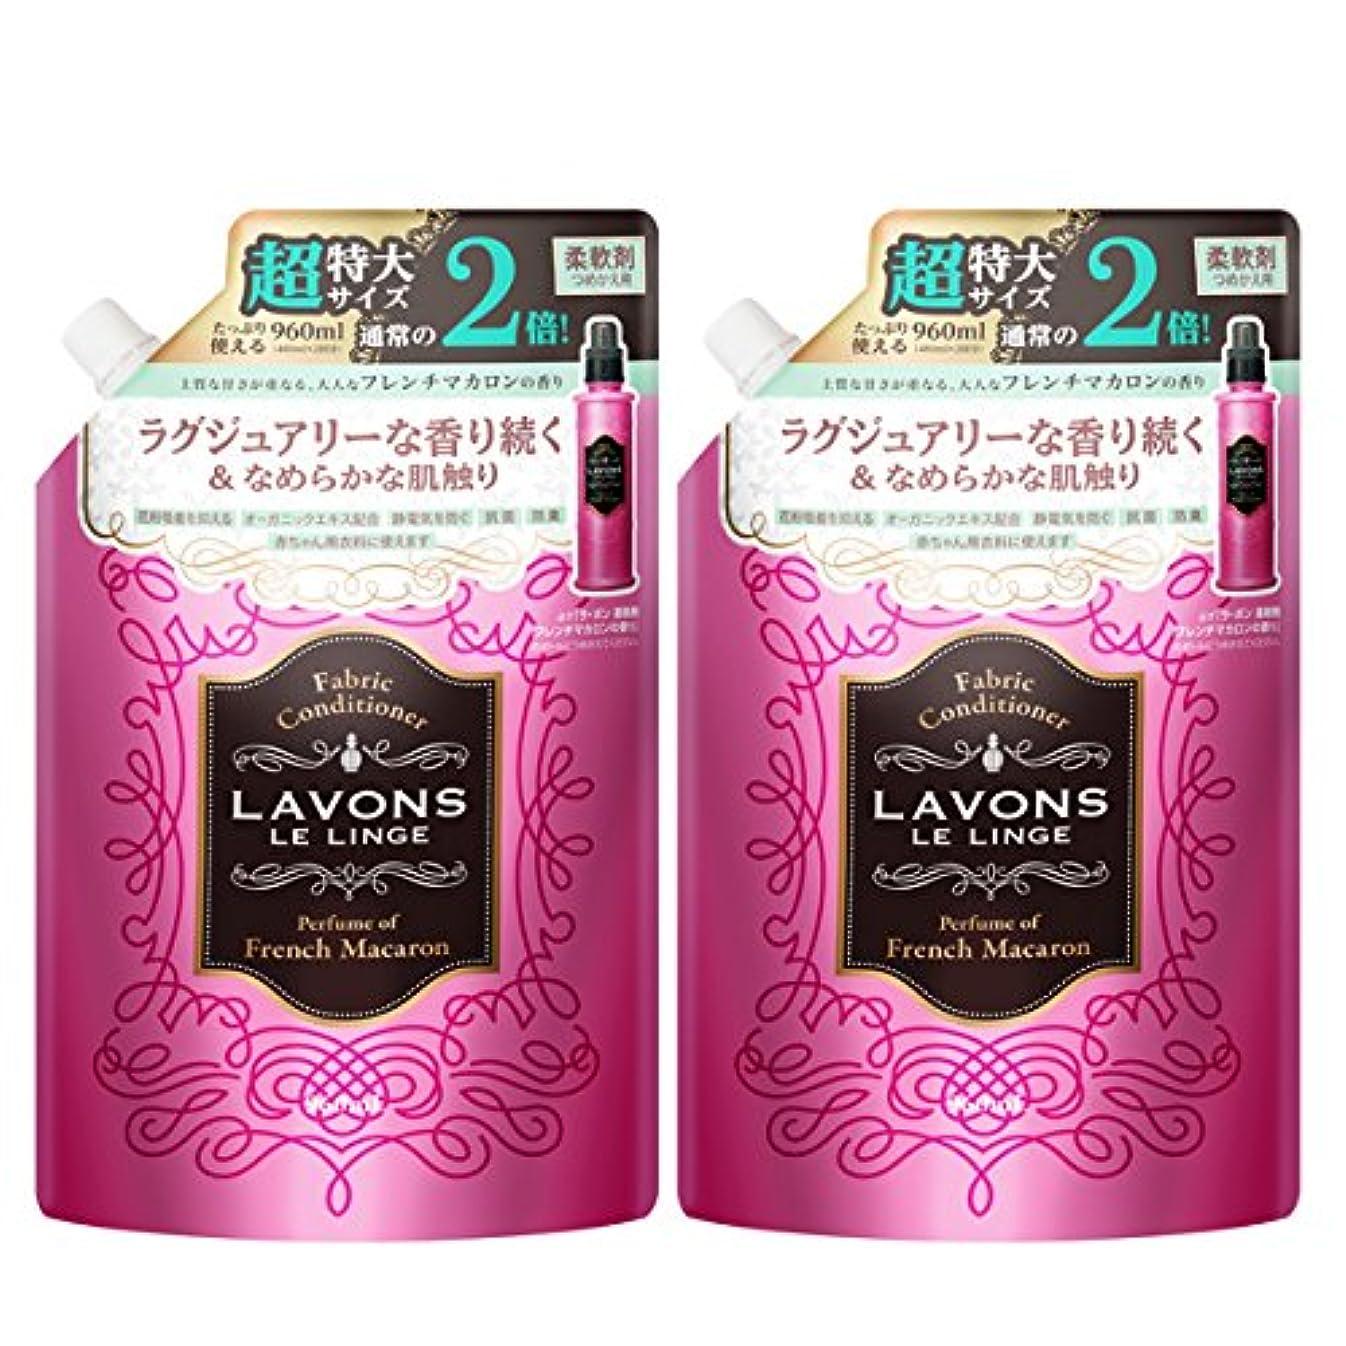 水素ステッチインスタントラボン ( Lavons )  柔軟剤詰替え フレンチマカロンの香り大容量 2個